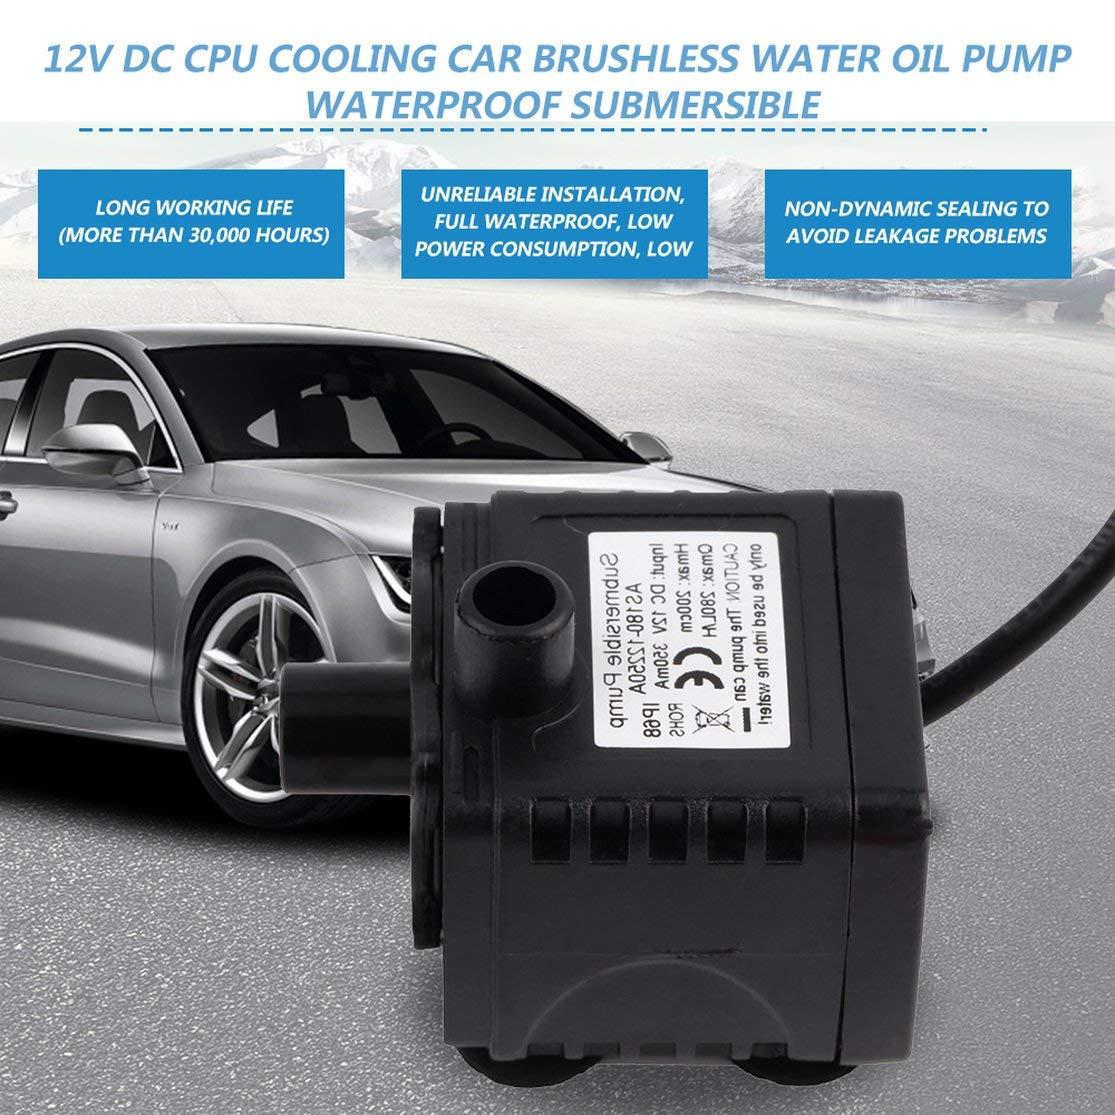 Candyboom 12 V CC CPU de refrigeraci/ón Coche sin escobillas Bomba de Aceite de Agua Sumergible Sumergible CPU Enfriamiento de Coches Lavadora sin escobillas